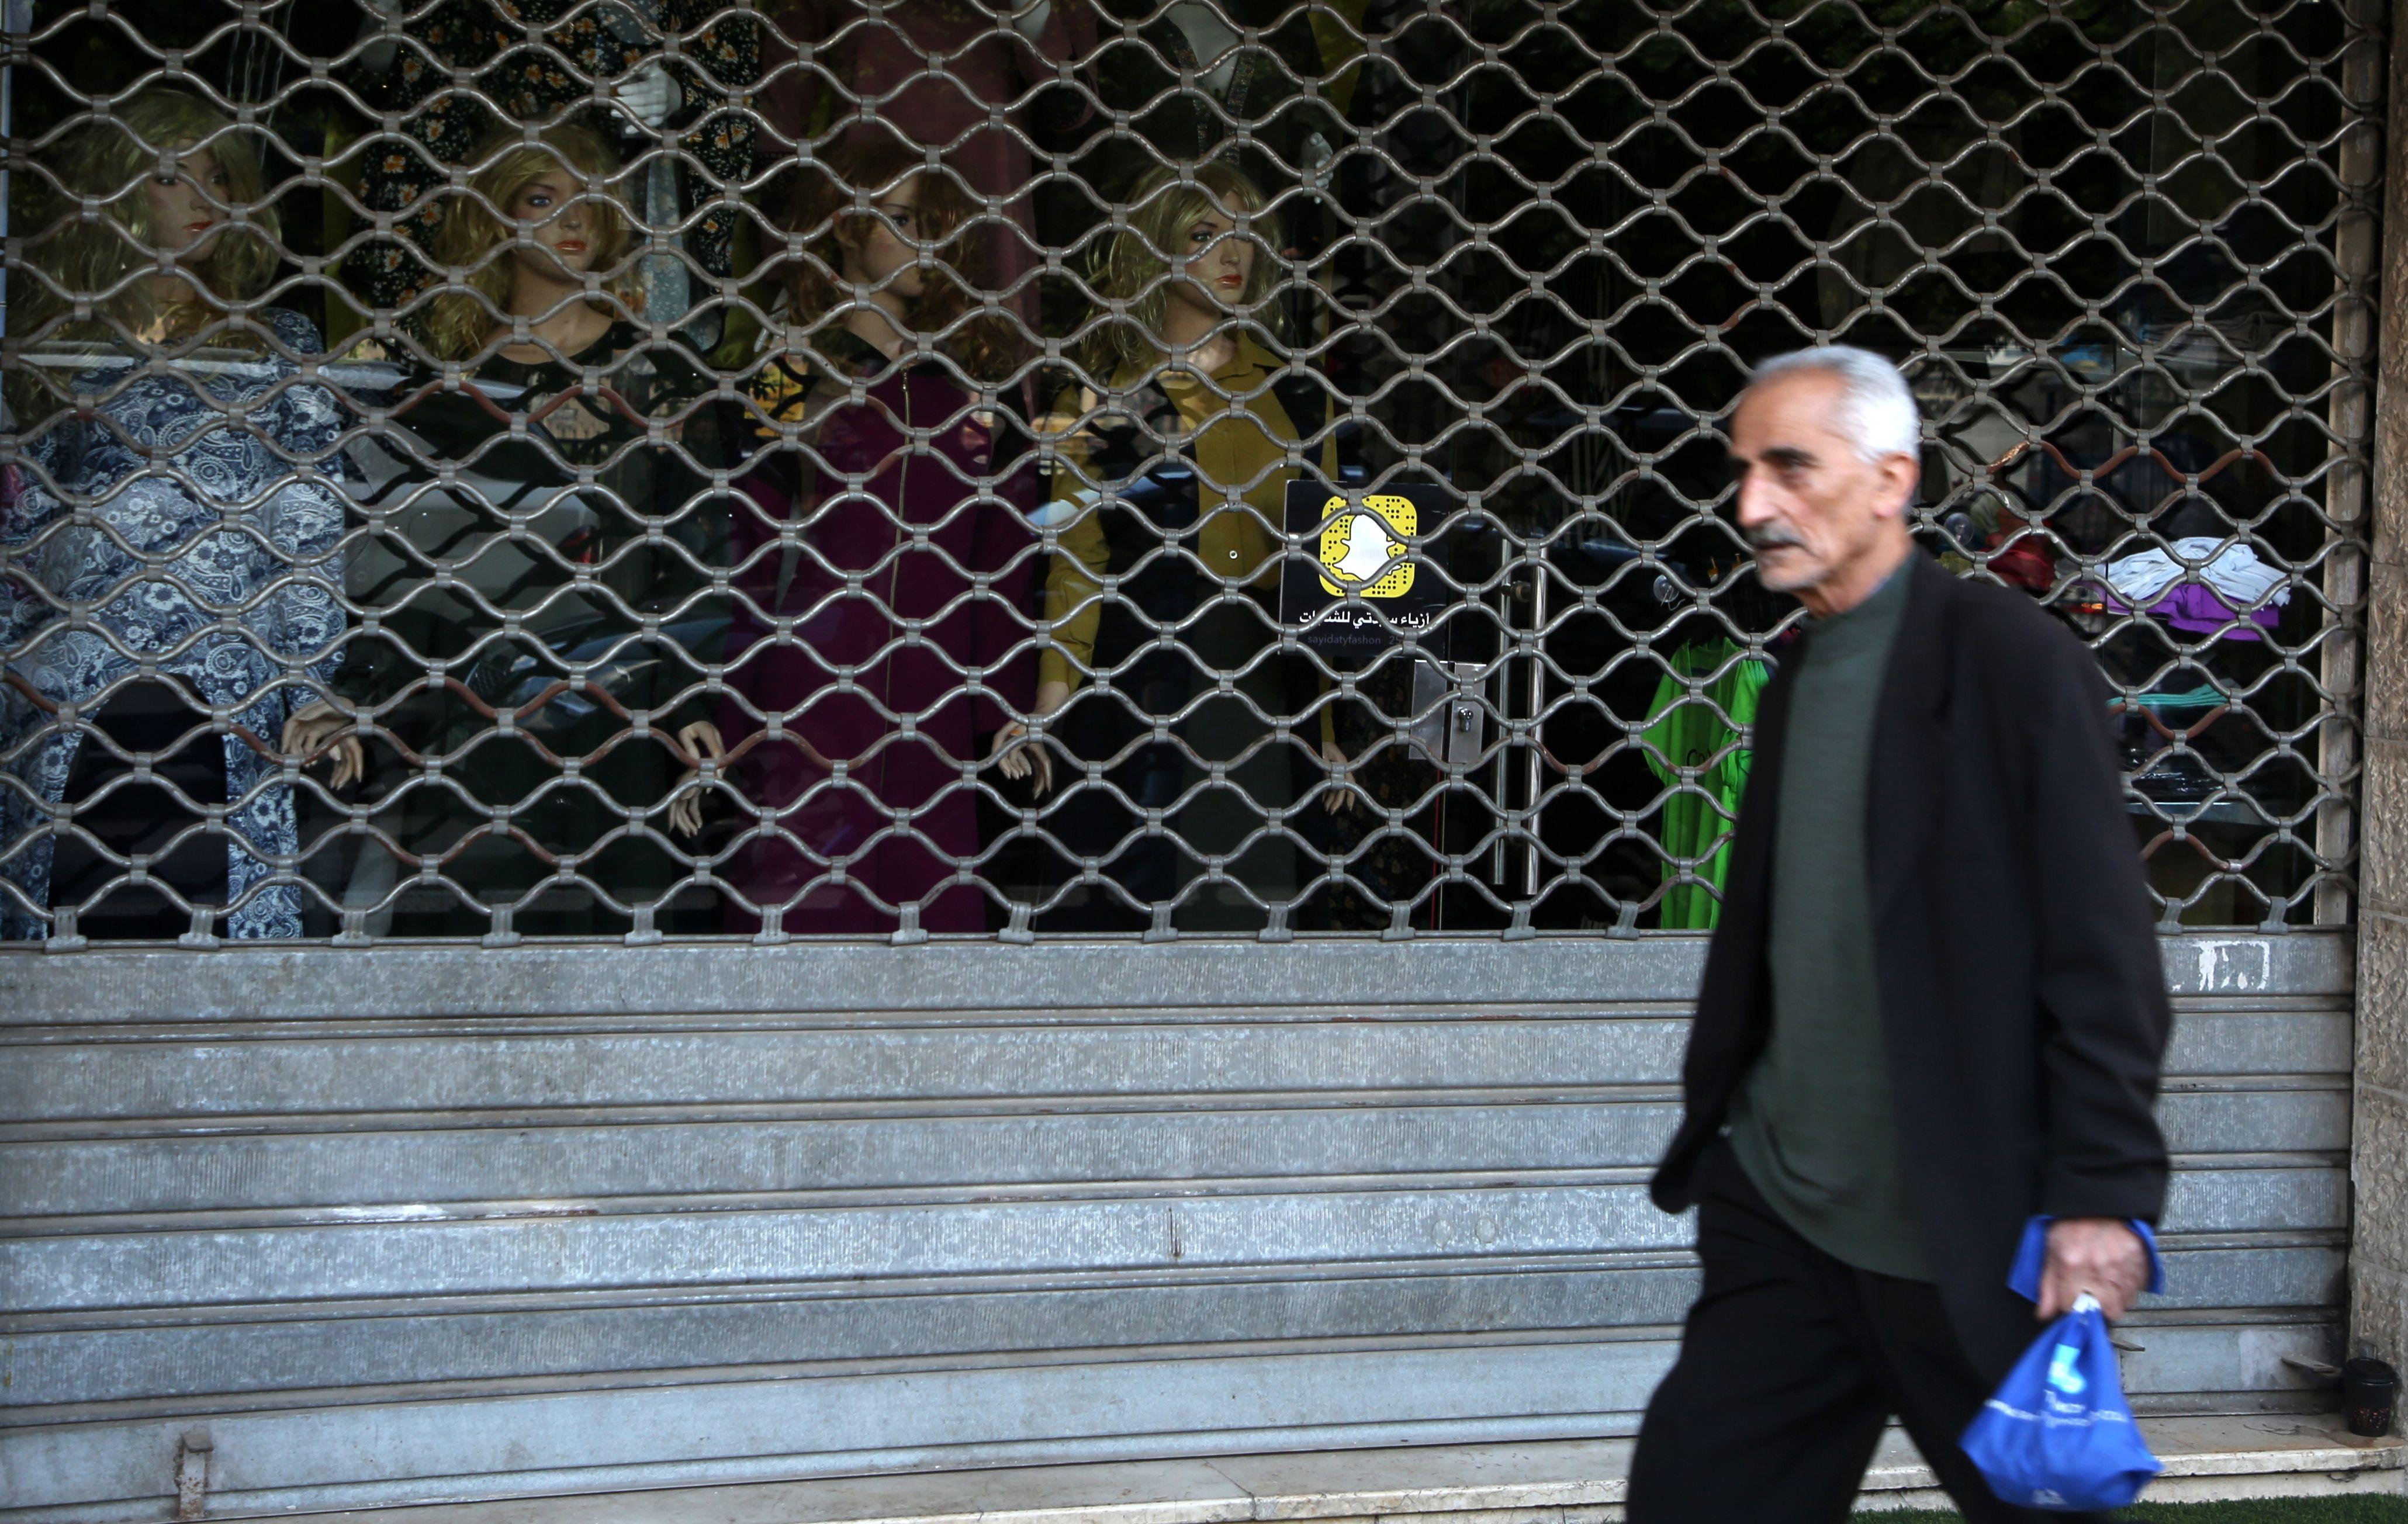 فلسطينى يمر أمام المحلات المغلقة بسبب الإضراب الشامل